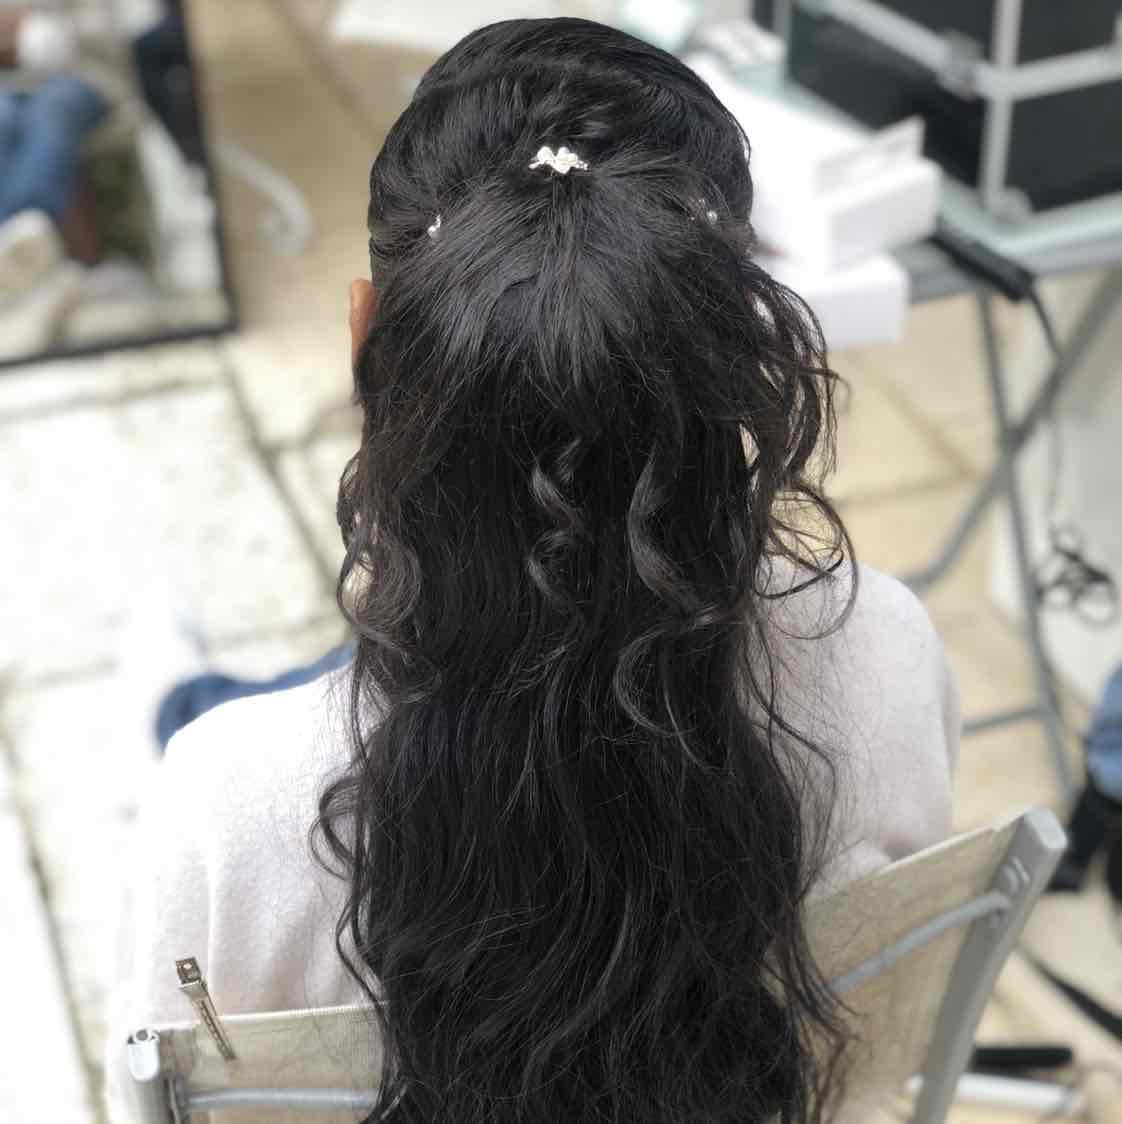 salon de coiffure afro tresse tresses box braids crochet braids vanilles tissages paris 75 77 78 91 92 93 94 95 TKNMWBMH